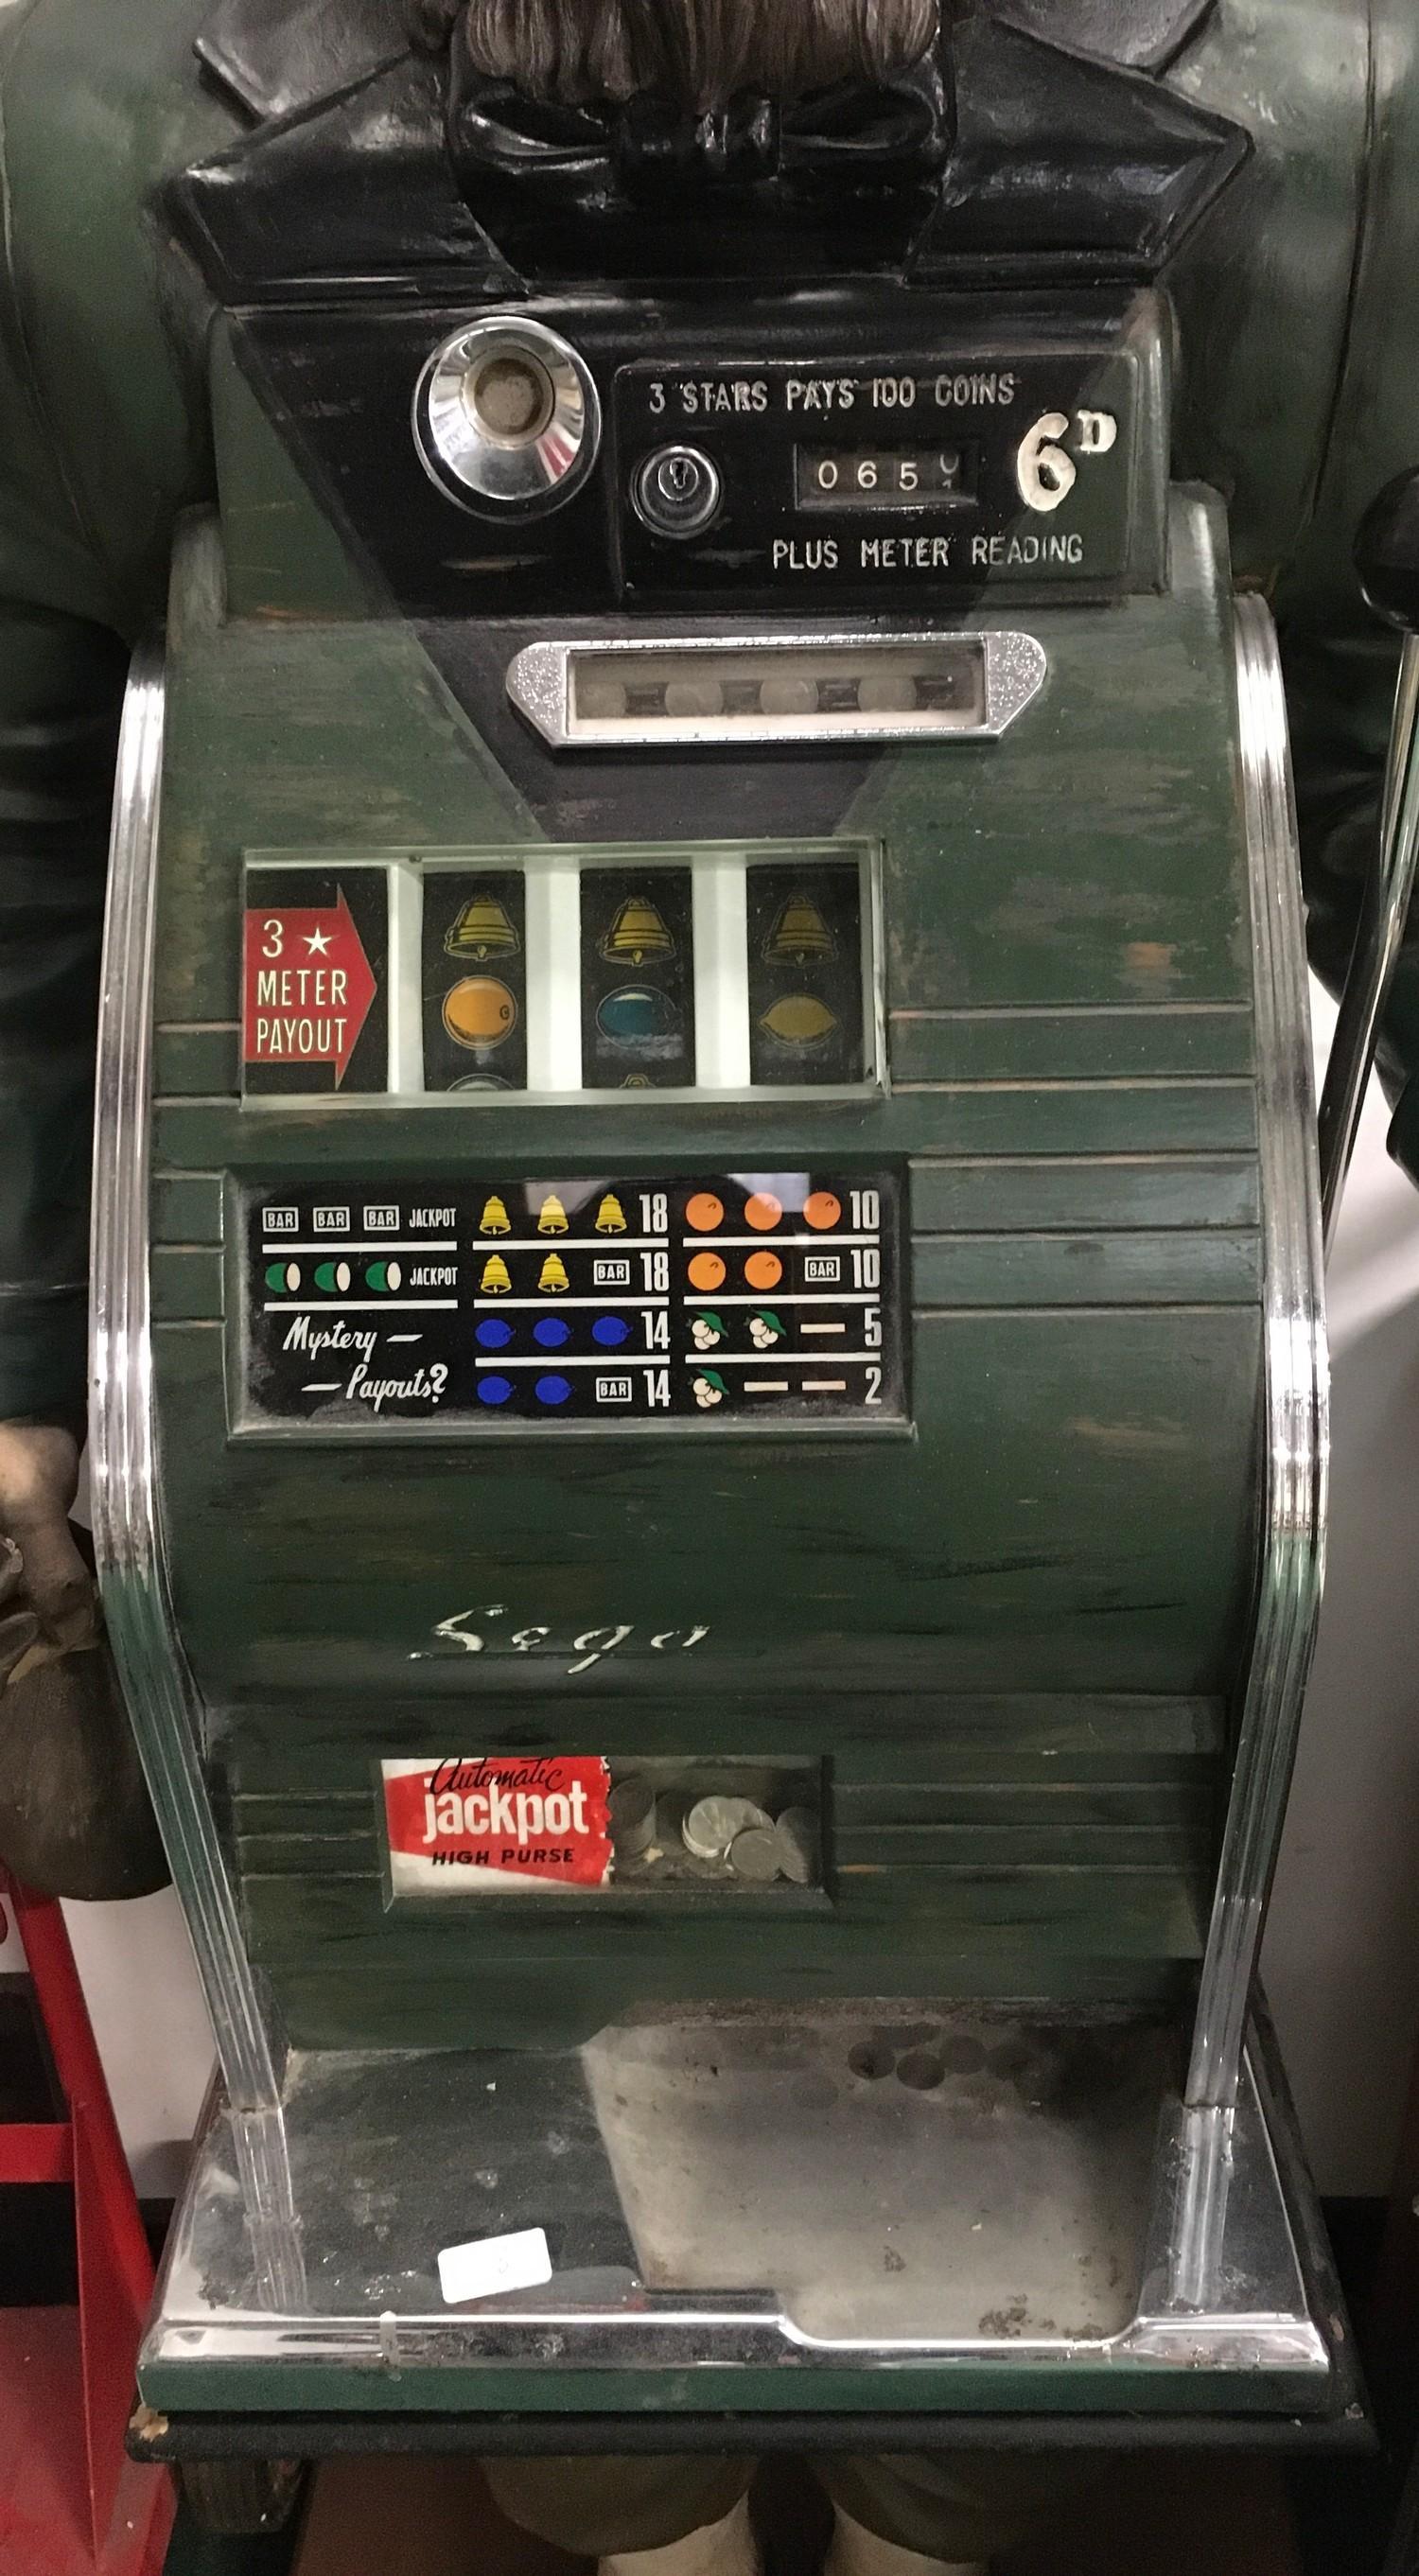 Sega Slot Machine. Set in full size Leprechaun. Works on 6d coin. - Image 2 of 2